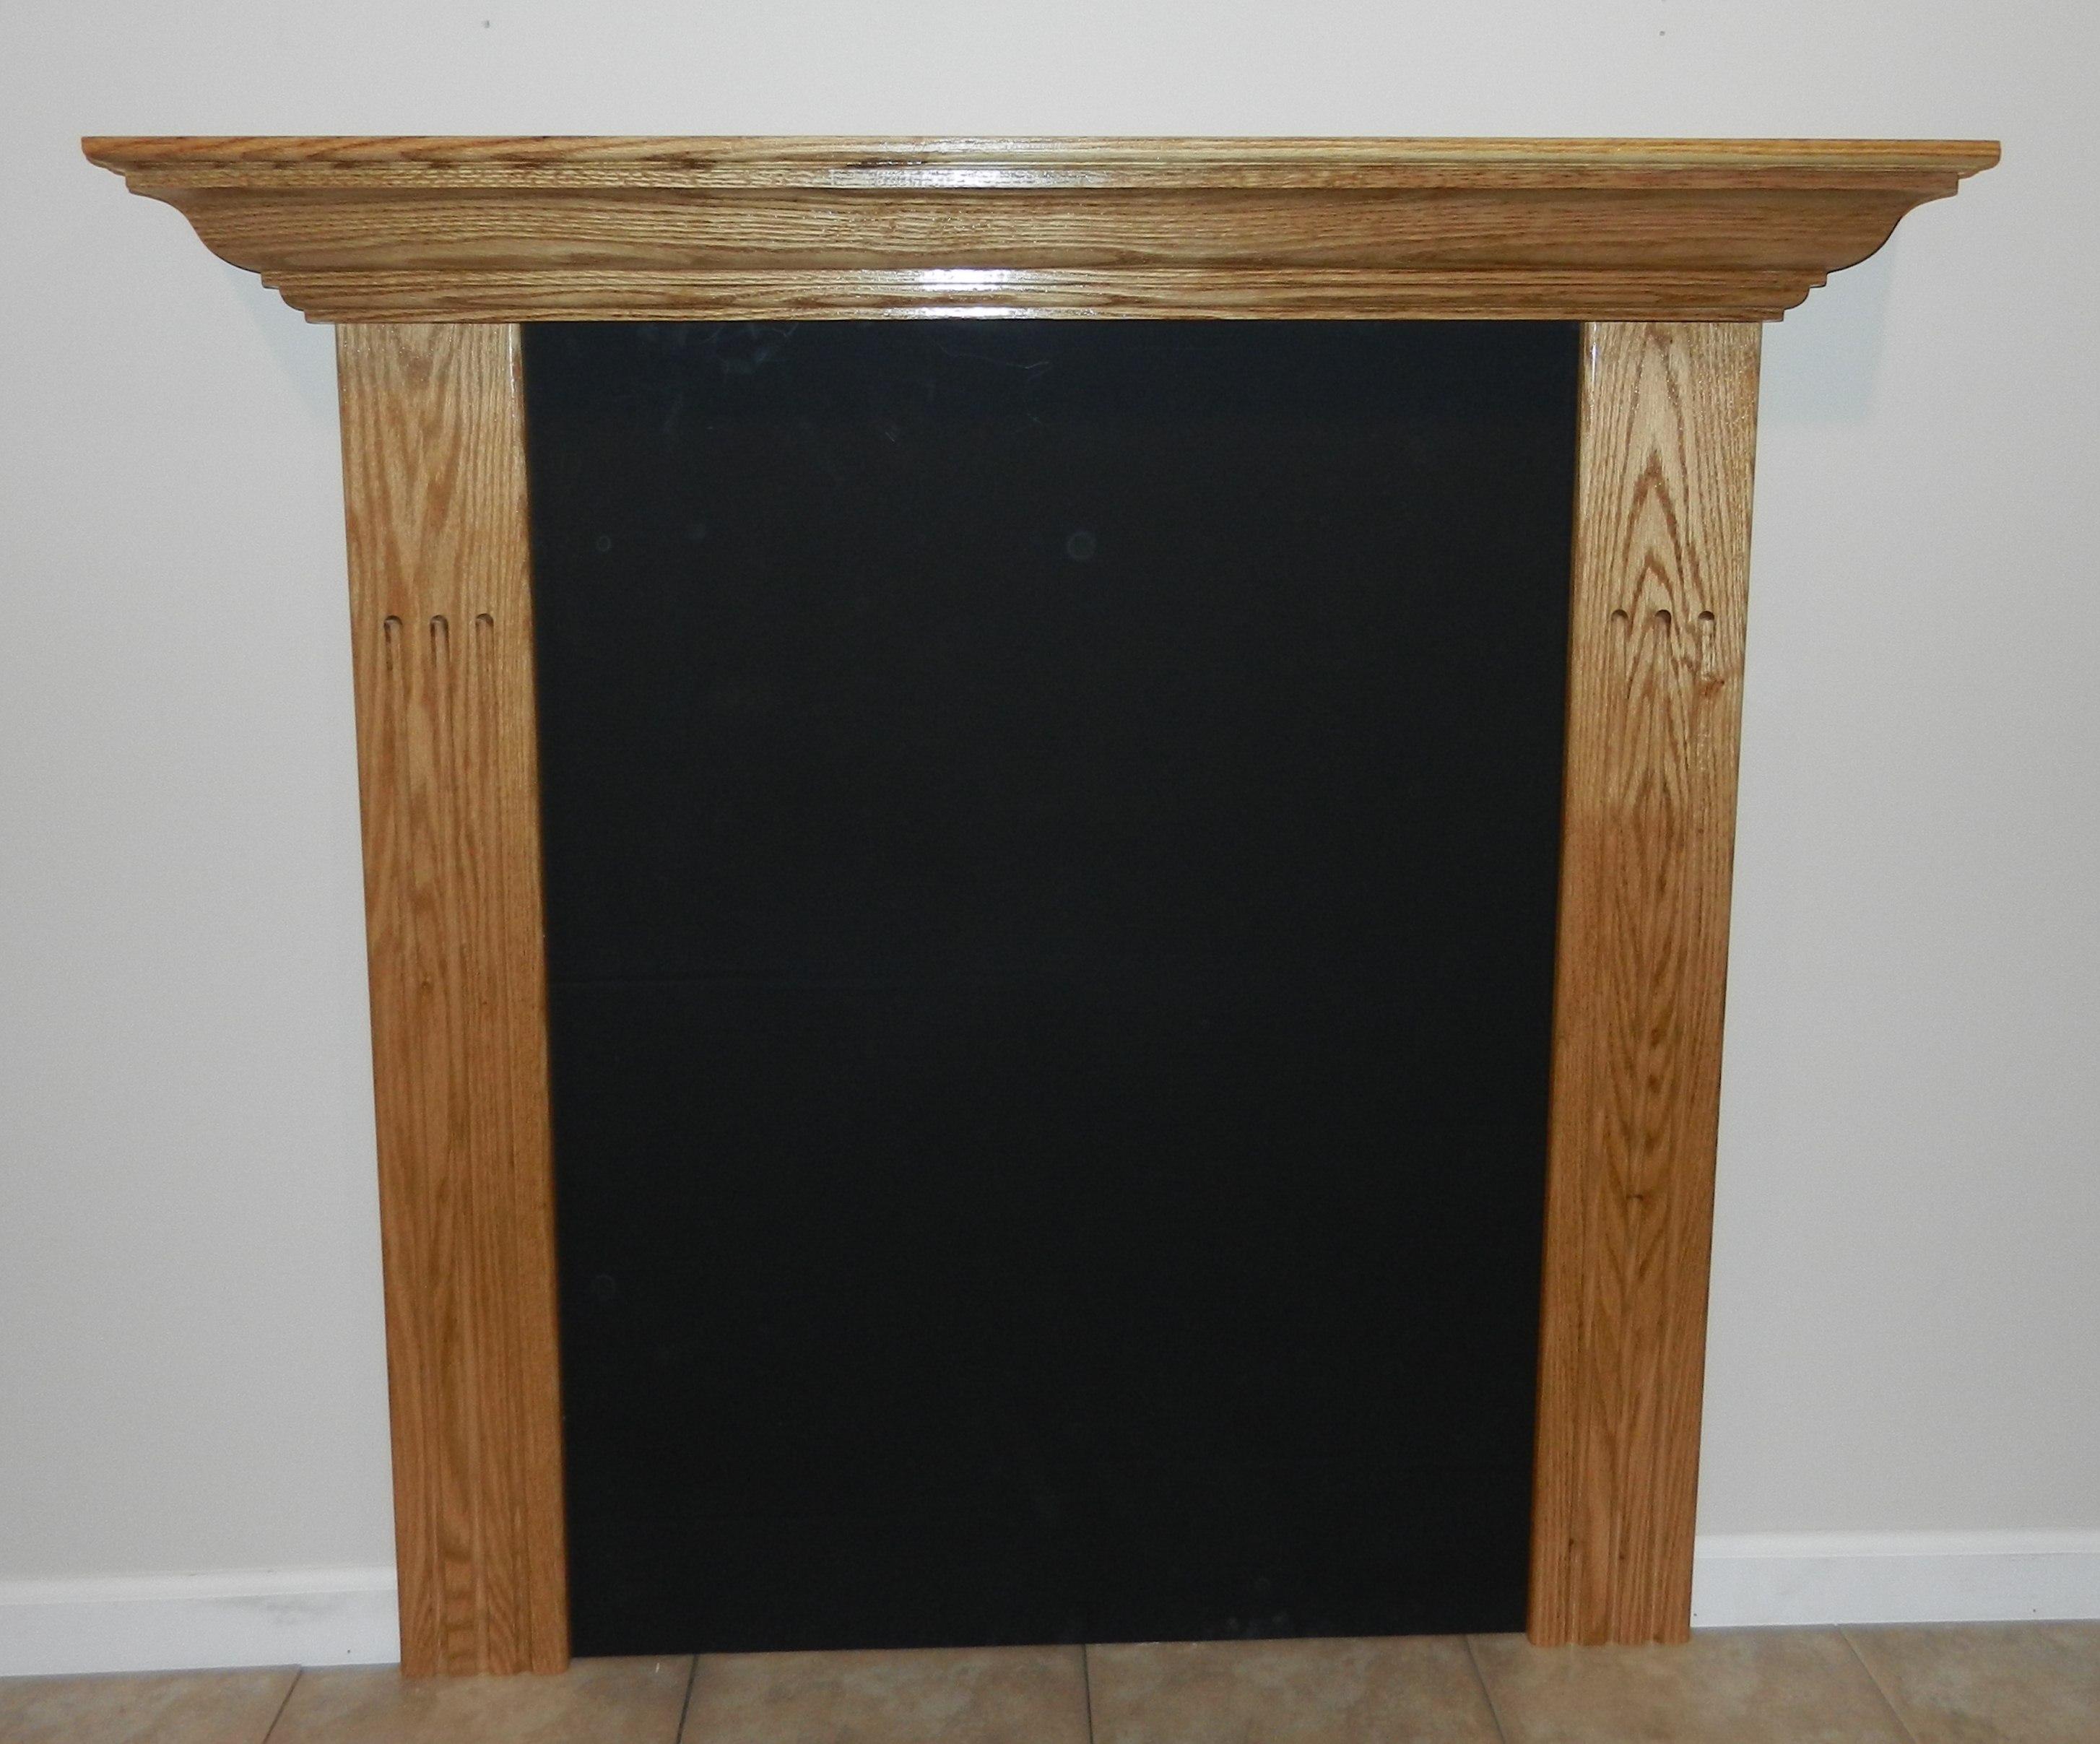 classic surround fireplace mantel shelf